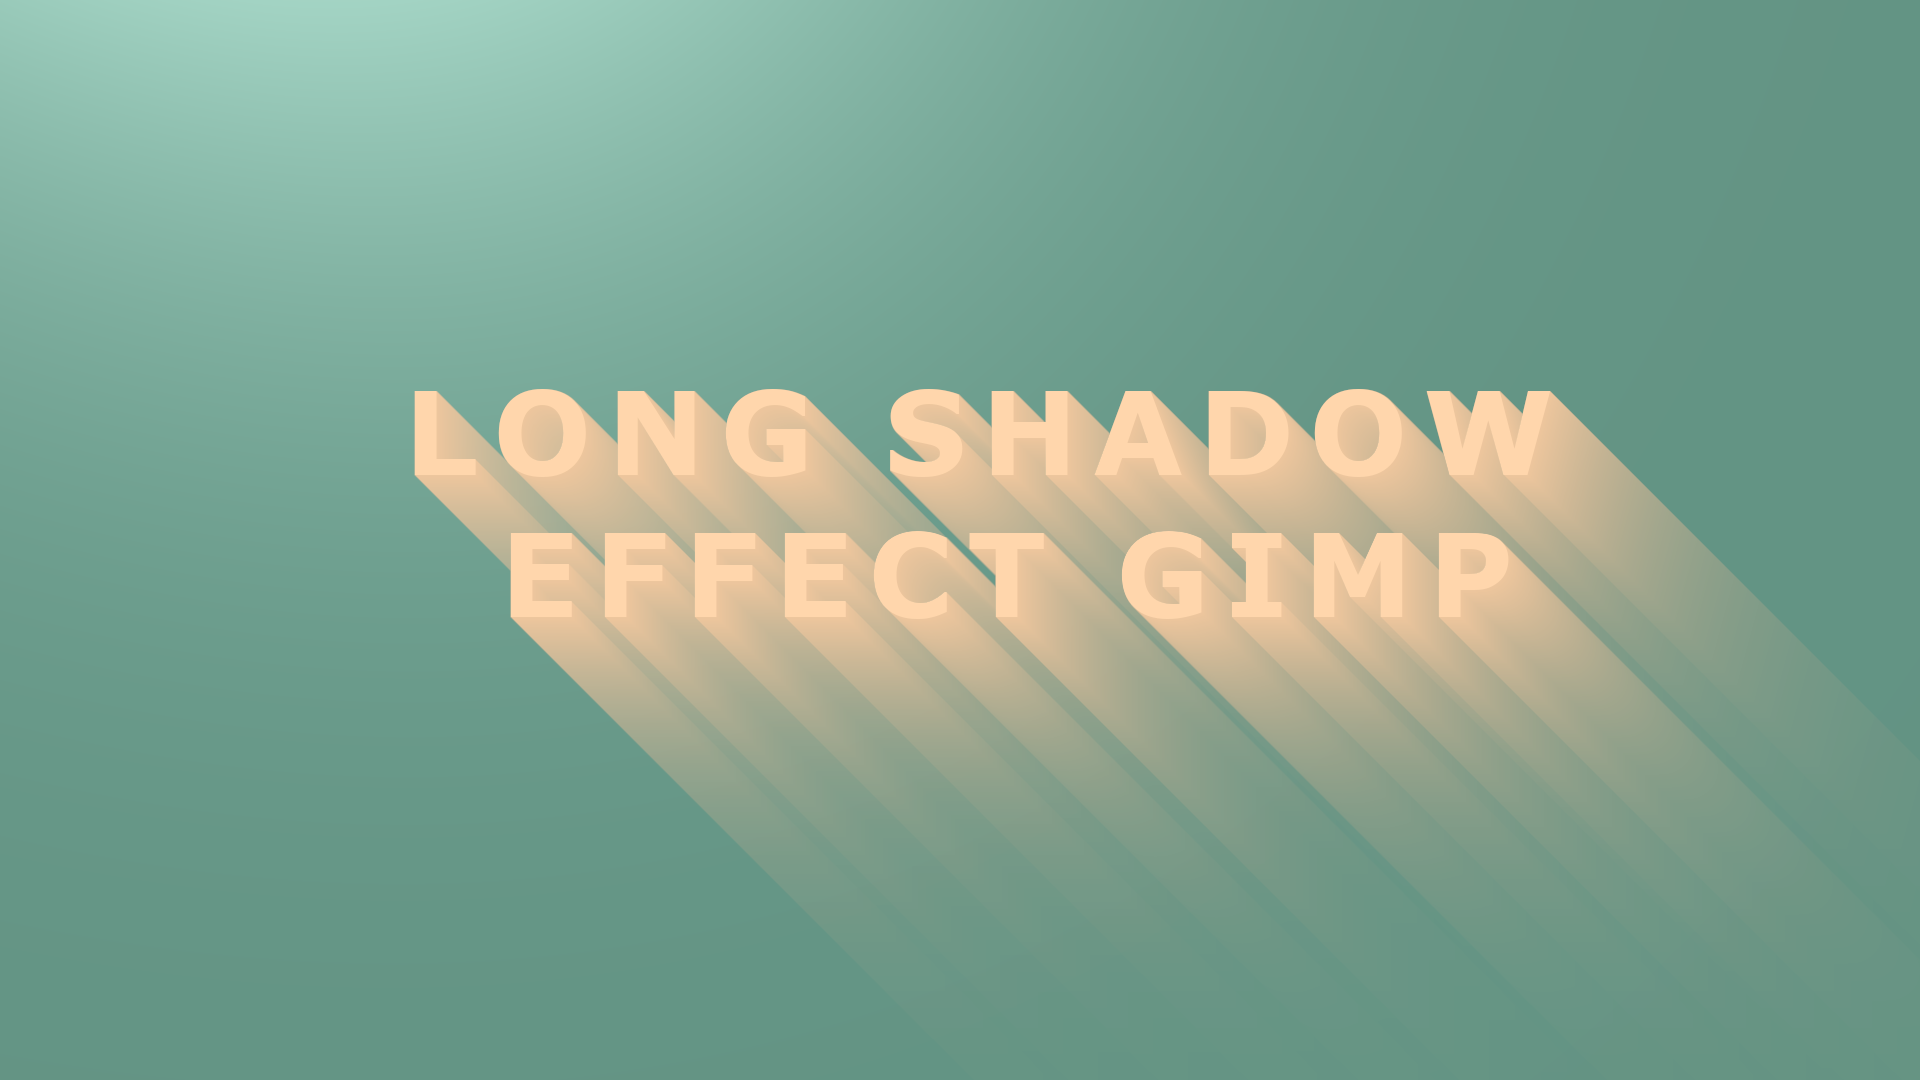 Thumbnail - Membuat Gambar Long Shadow Dengan Mudah di Gimp